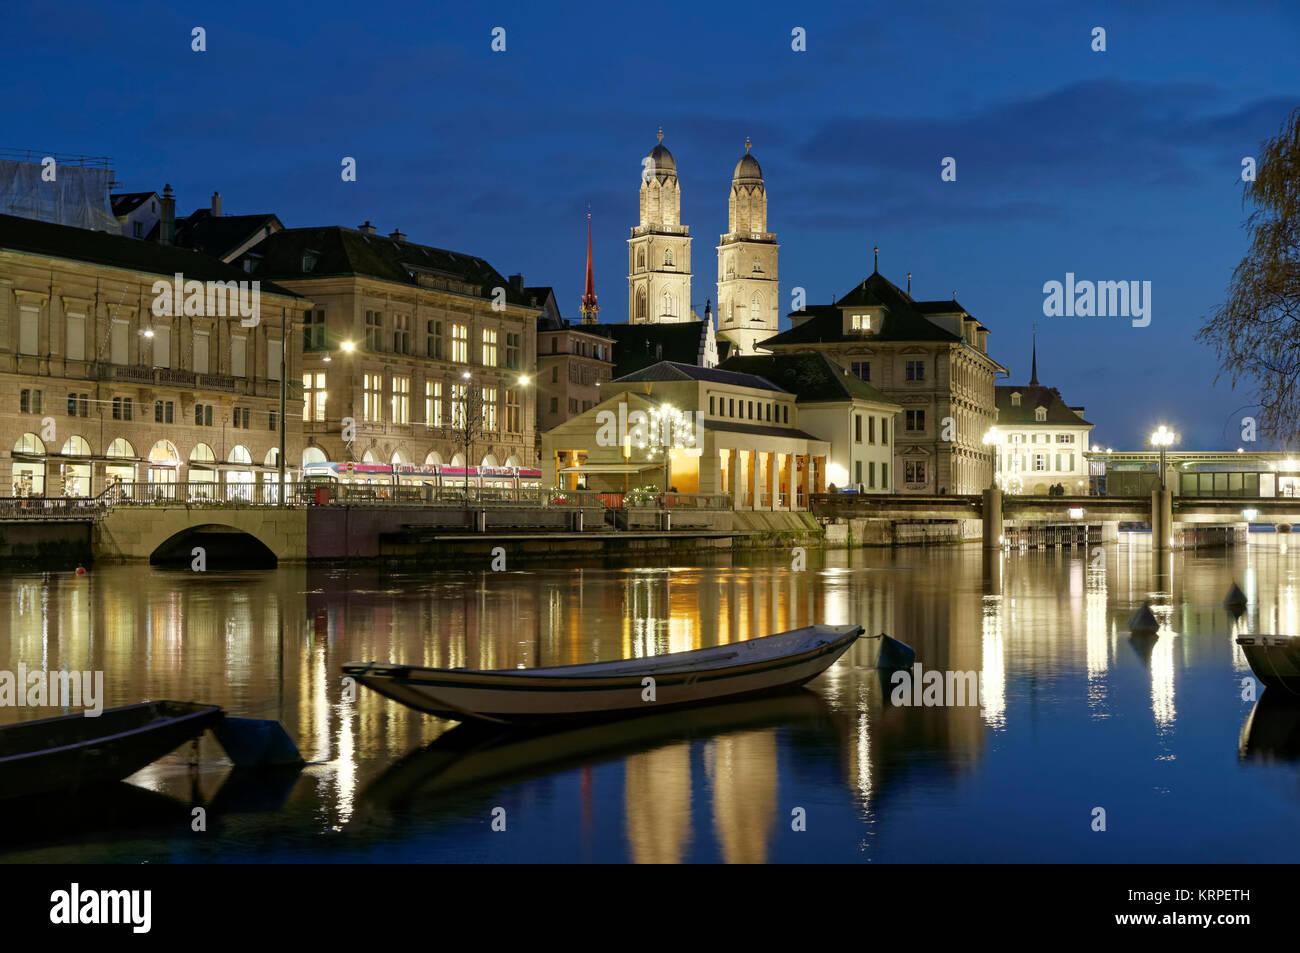 River Limmat, Grossmunster, Zurich, Switzerland - Stock Image